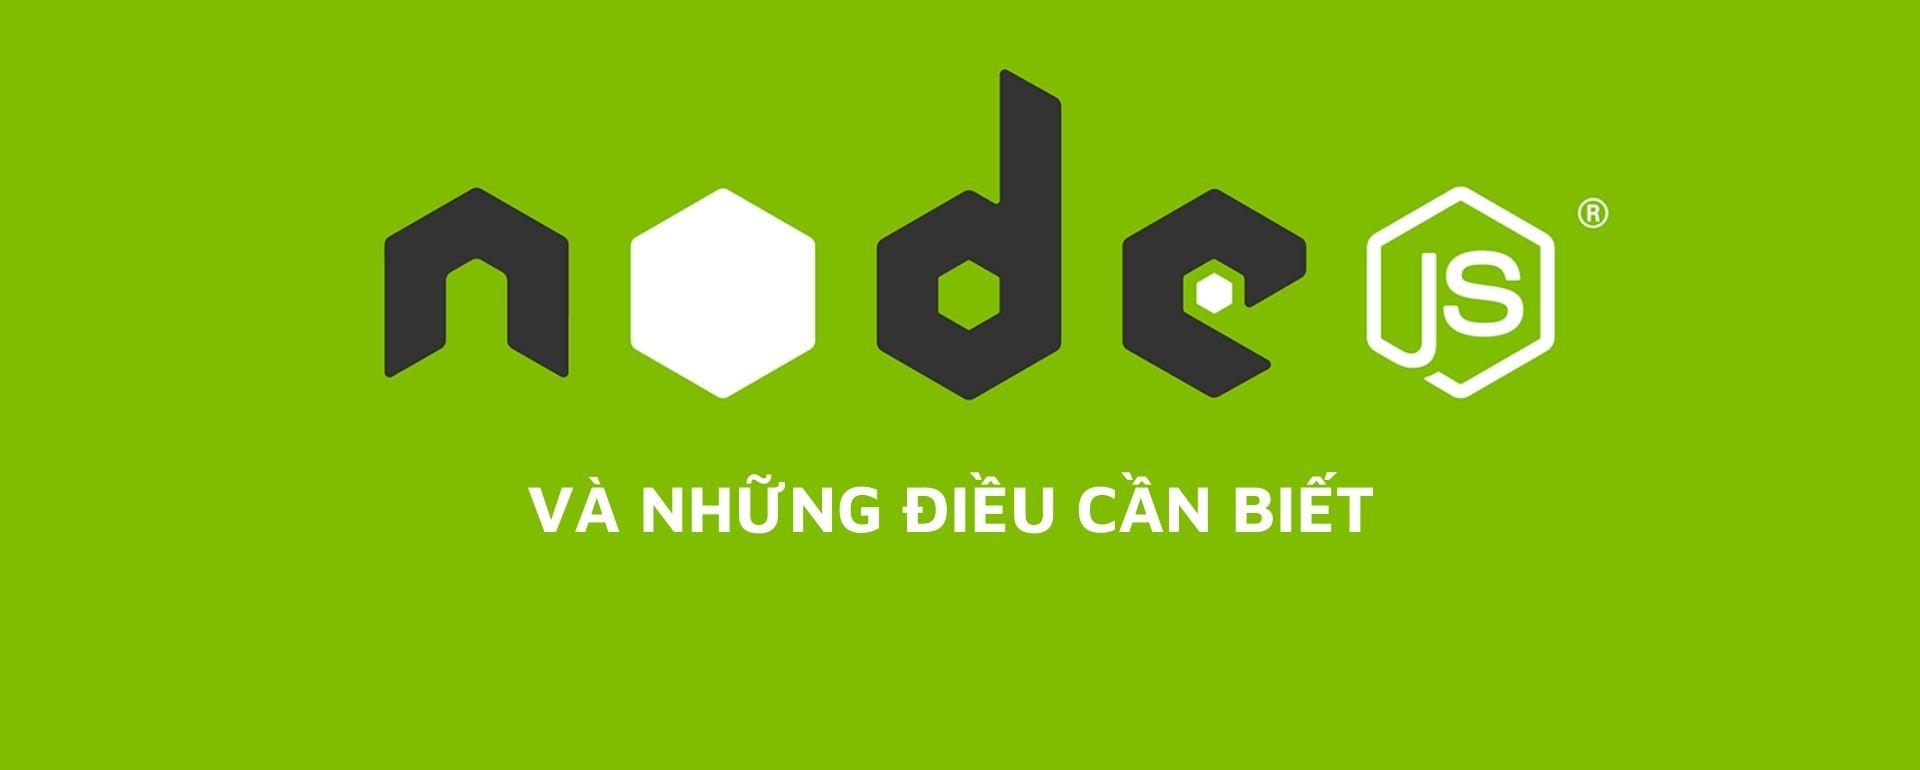 nodejs-featured